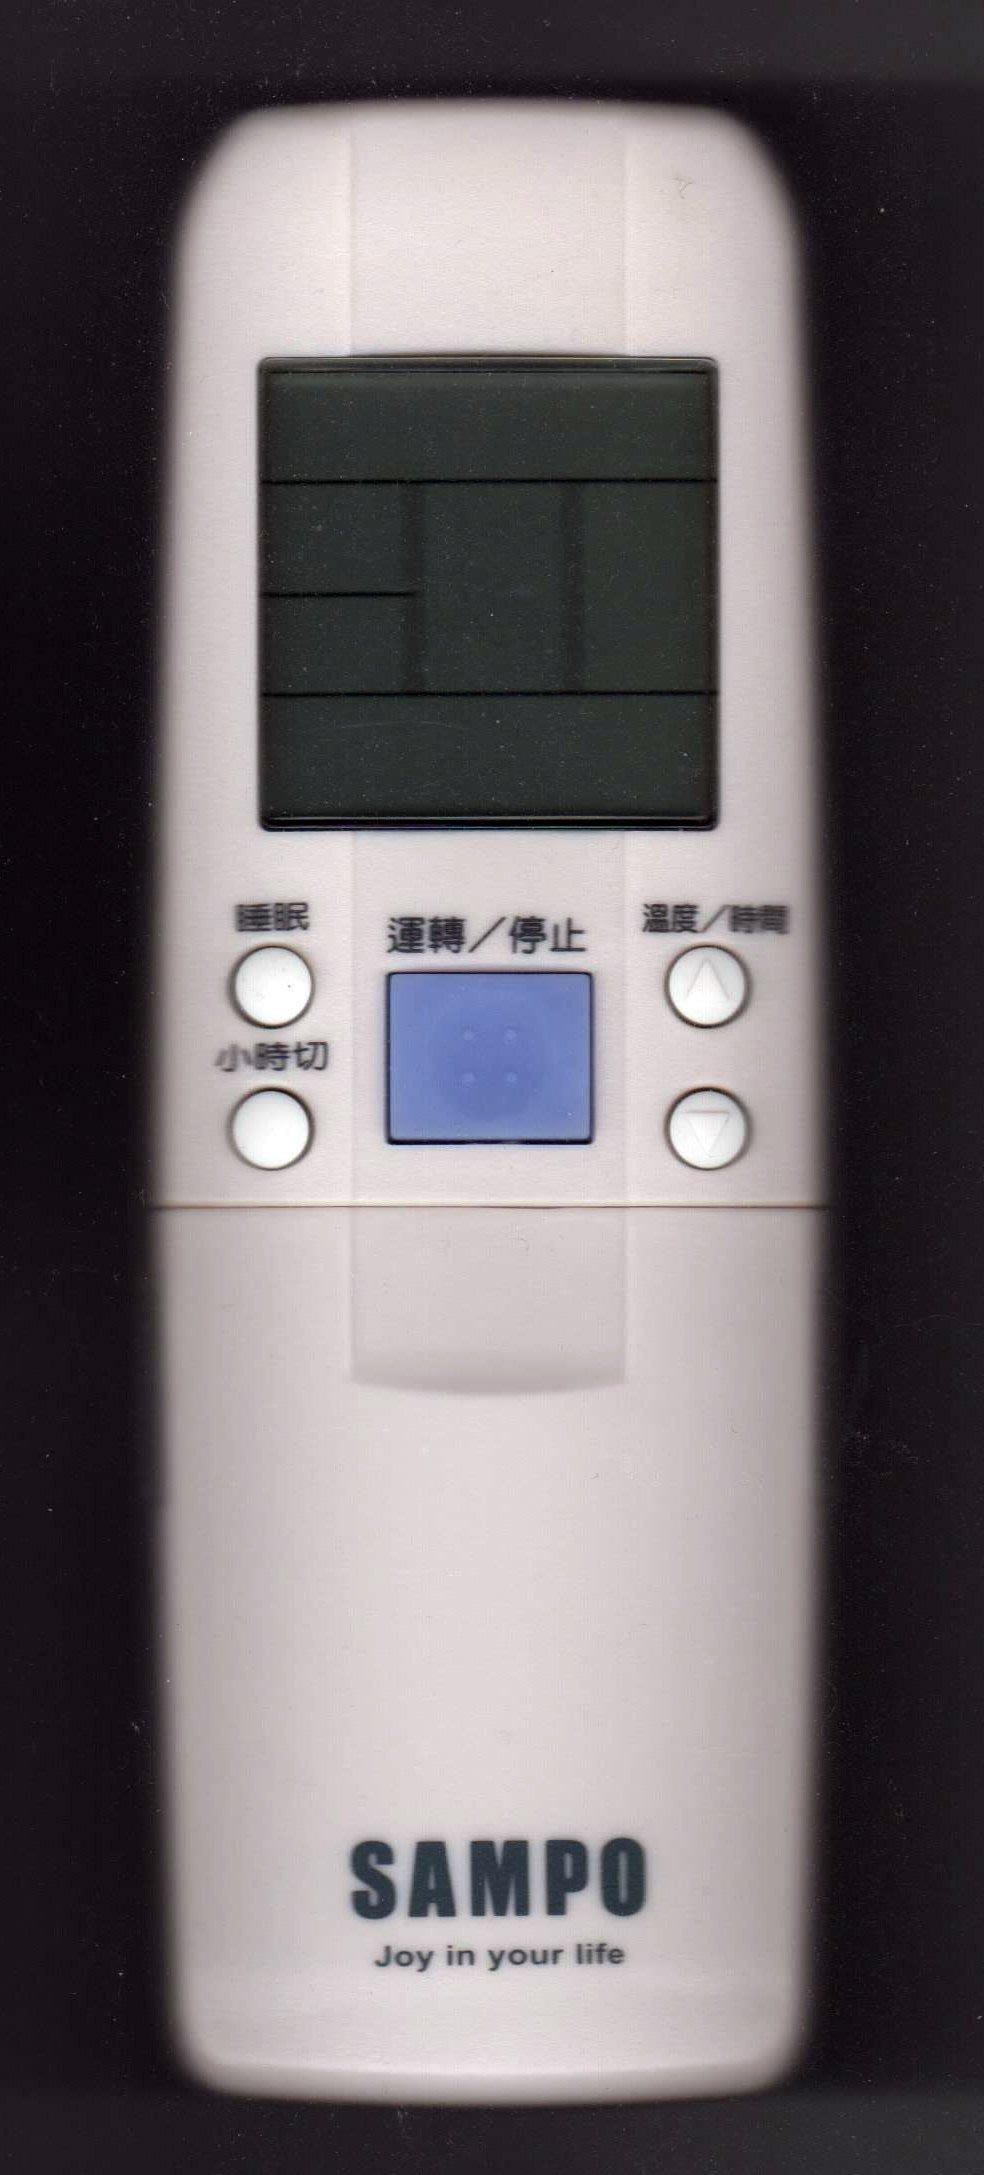 【遙控王】SAMPO 聲寶 原廠冷氣 遙控器_ID12-0088-03Ⓐ